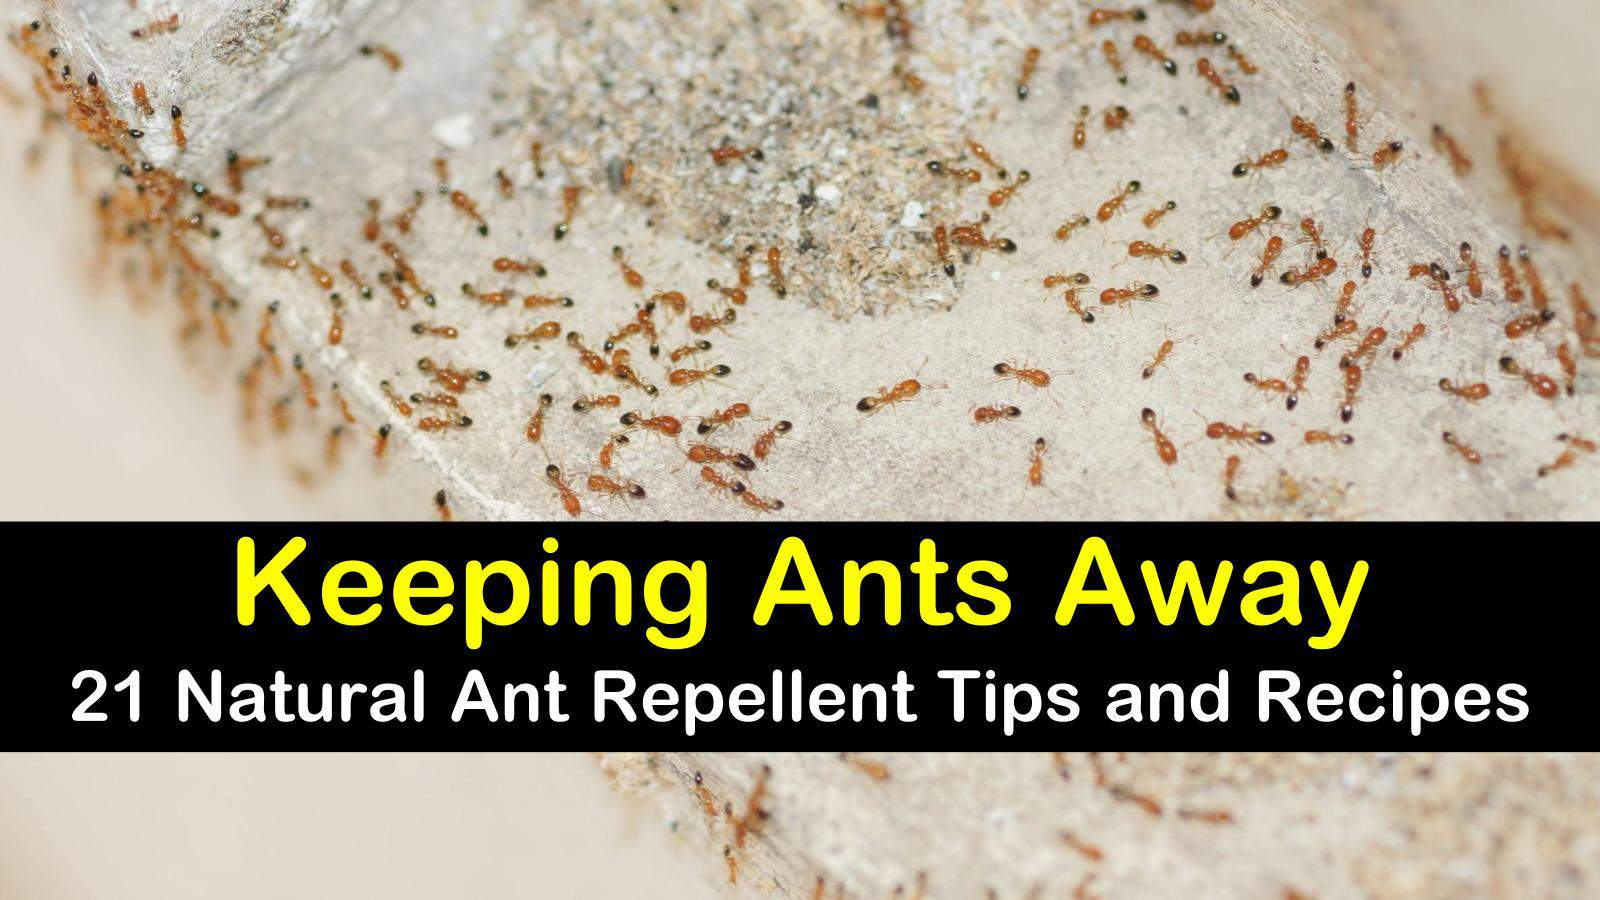 natural ant repellent titleimg1